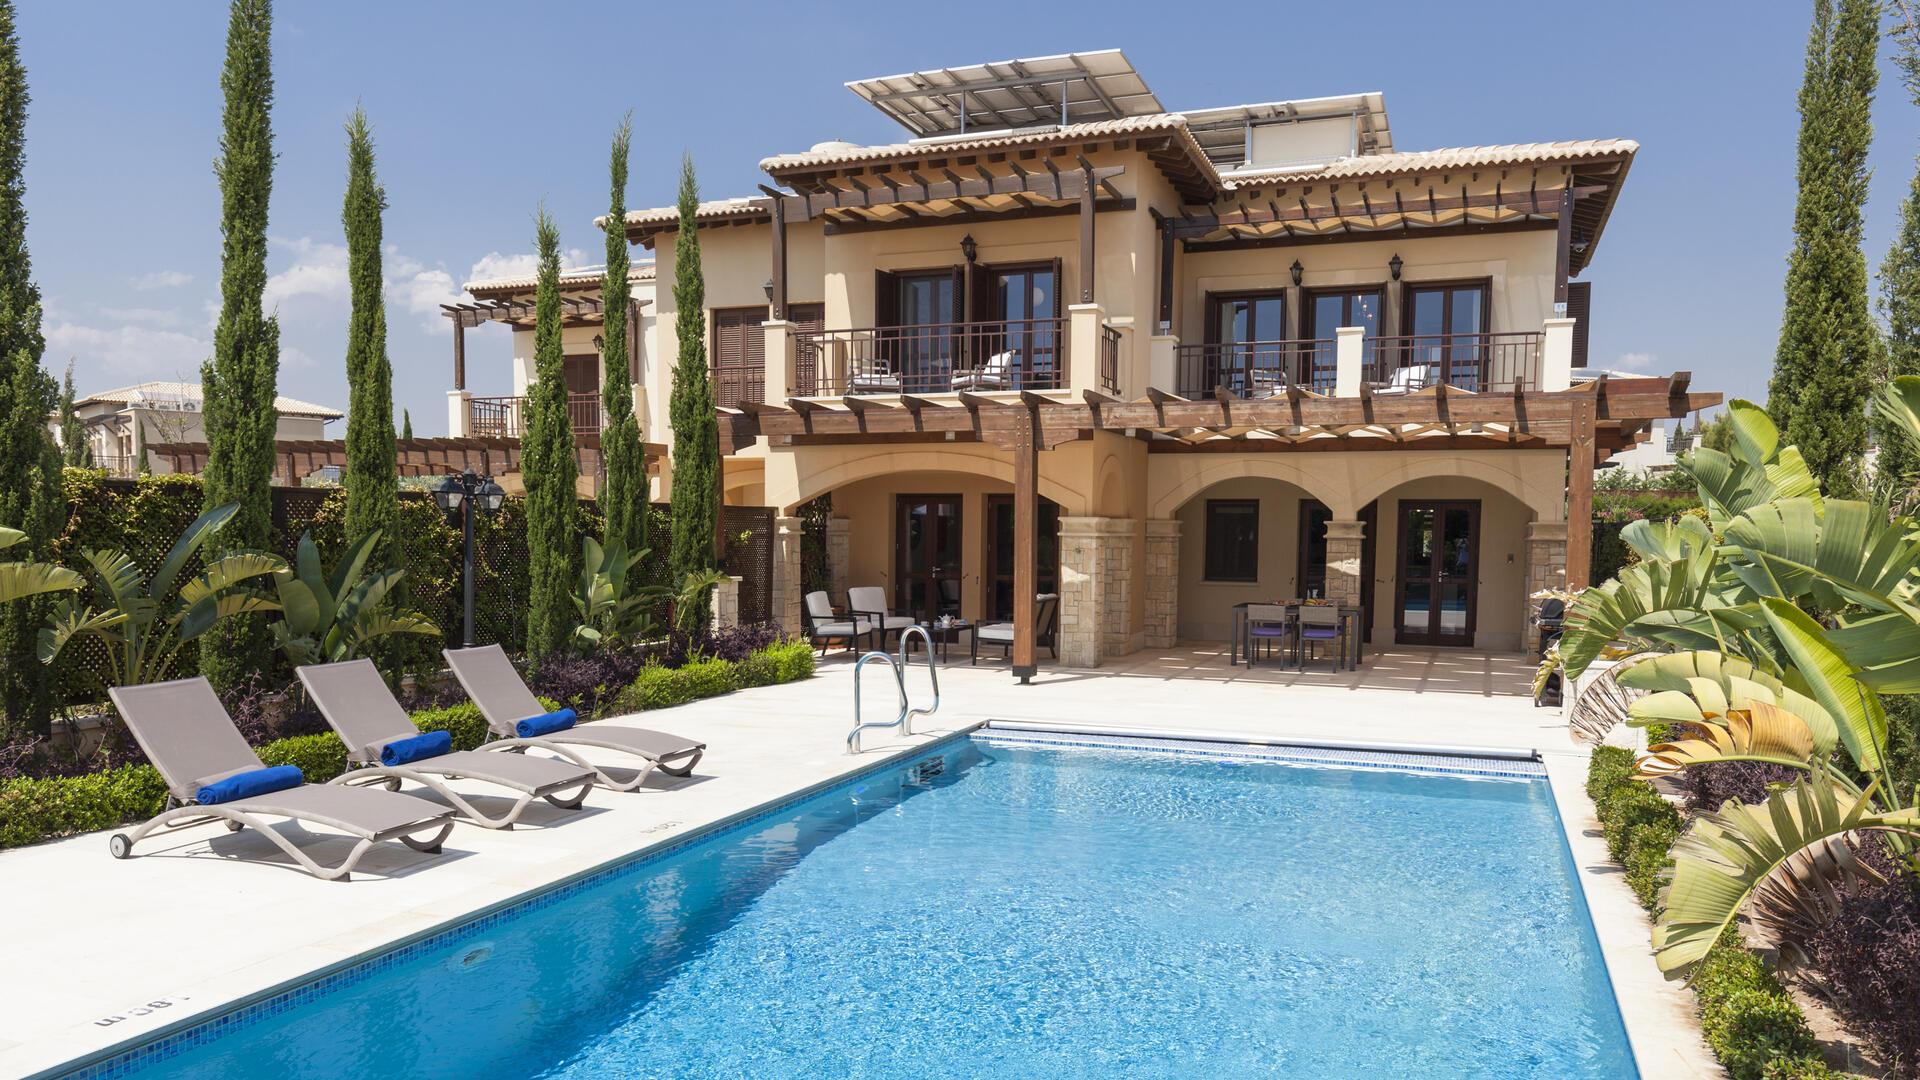 2 Bedroom Villa in  Cyprus